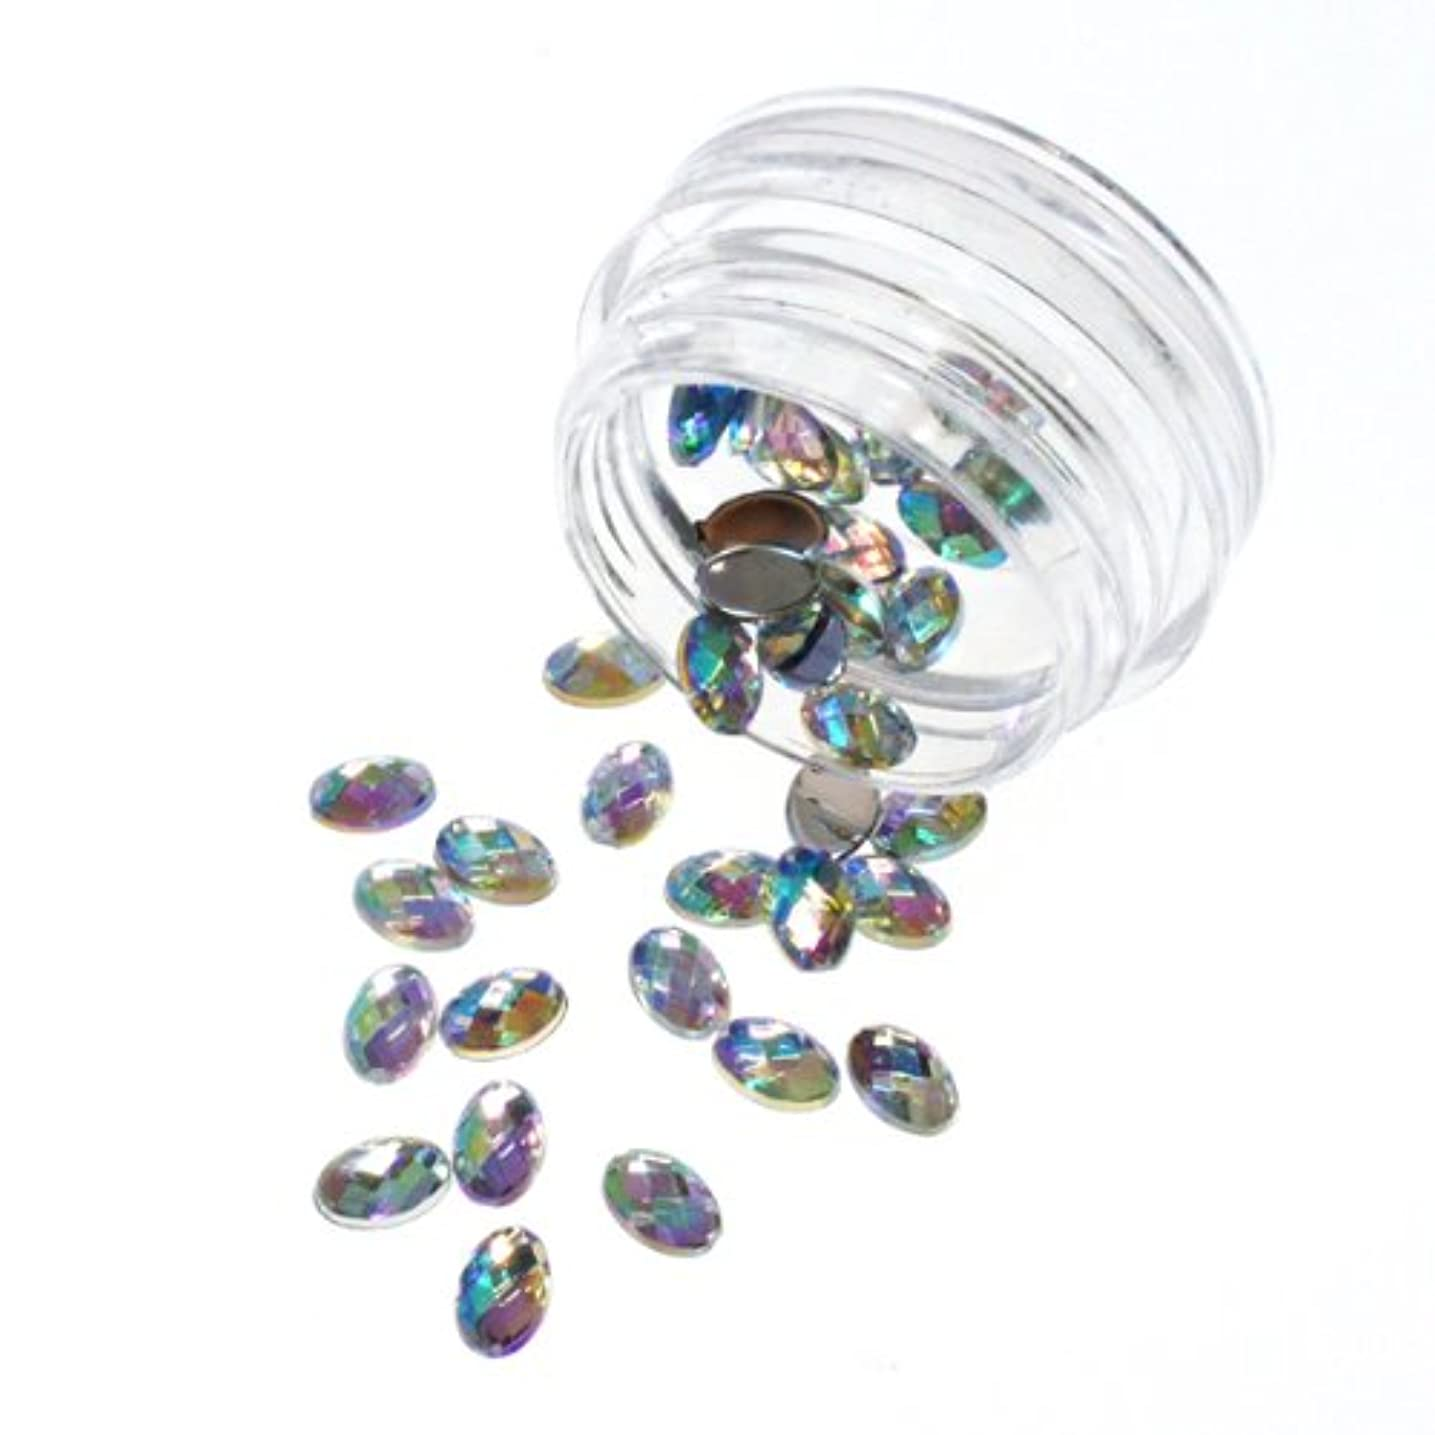 インサート騒乱満員宝石カットのアクリルラインストーン オーロラカラー 6mm